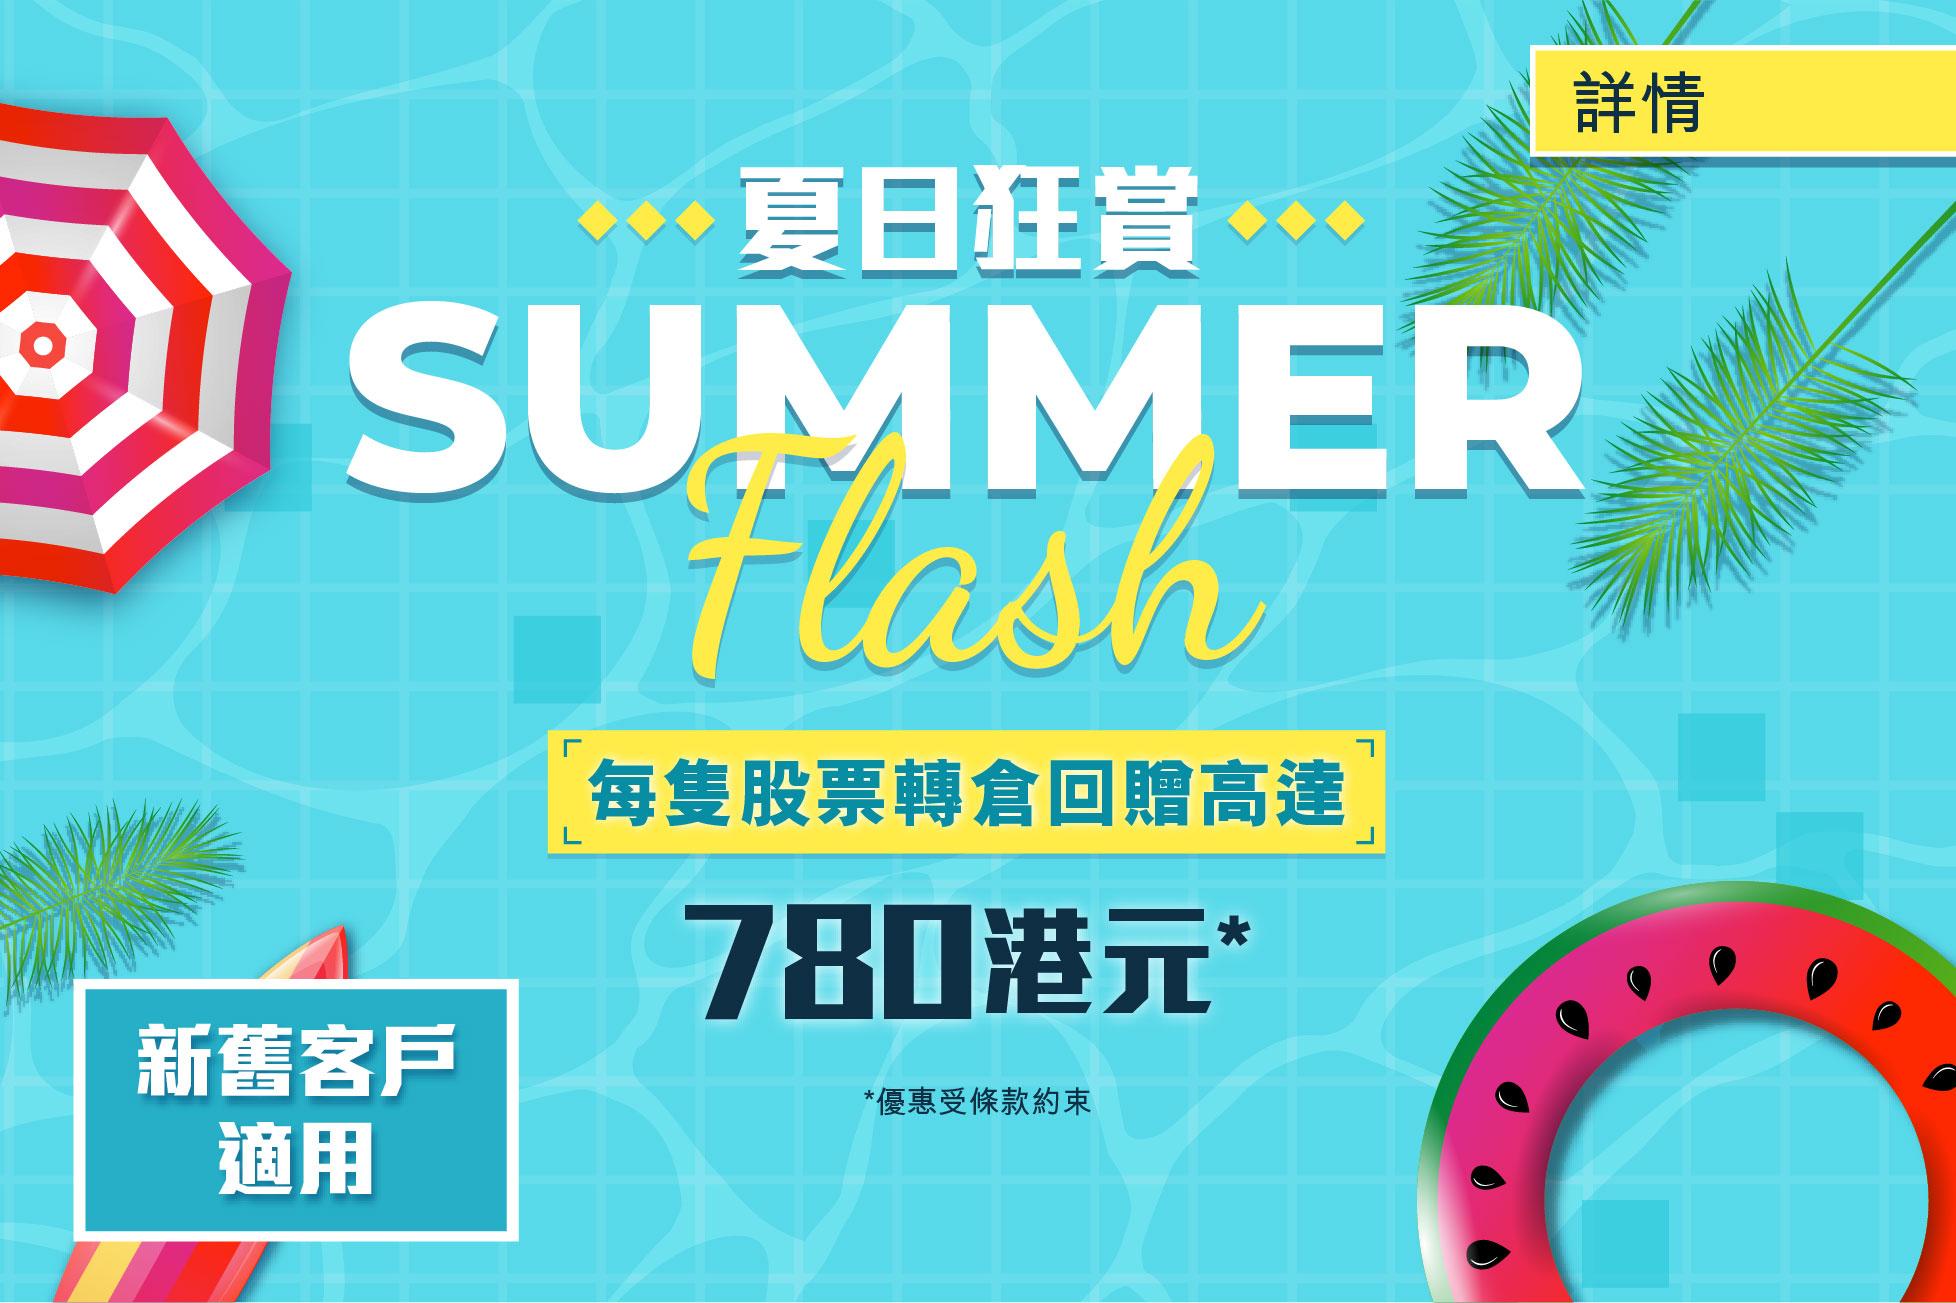 Summer Flash夏日狂賞 每隻股票回贈高達780港元